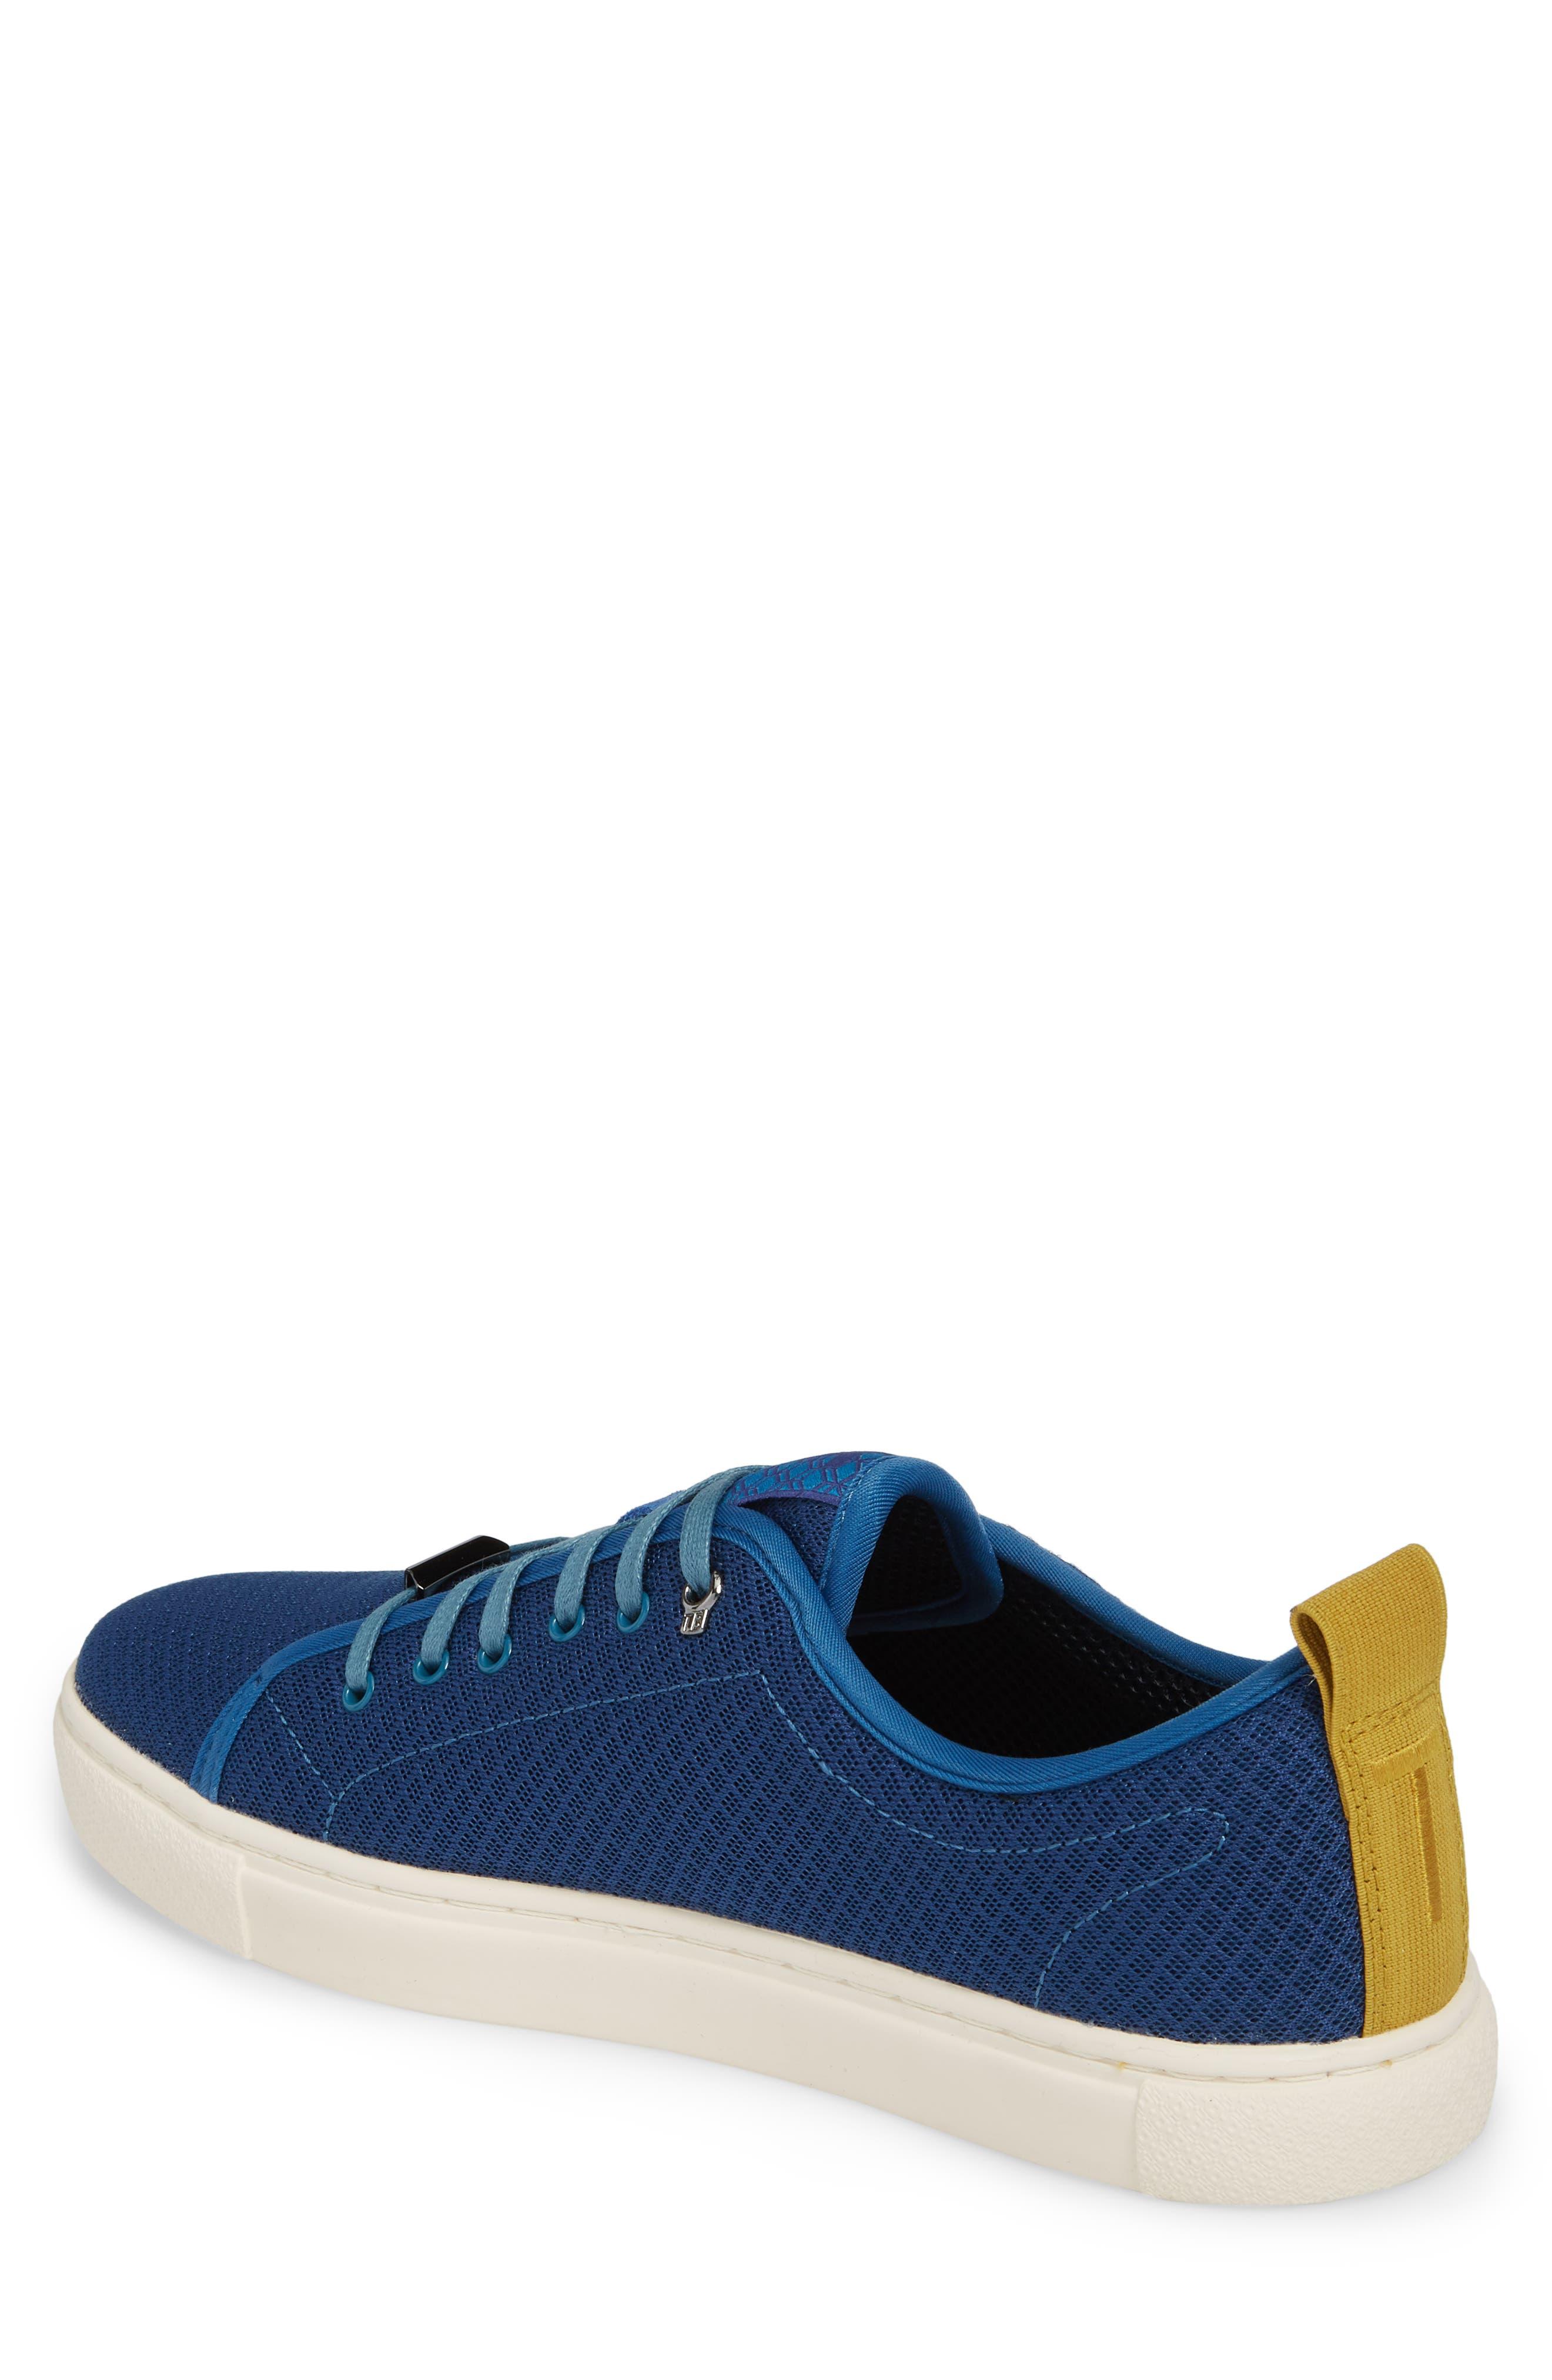 Lannse Low Top Mesh Sneaker,                             Alternate thumbnail 2, color,                             Blue Textile